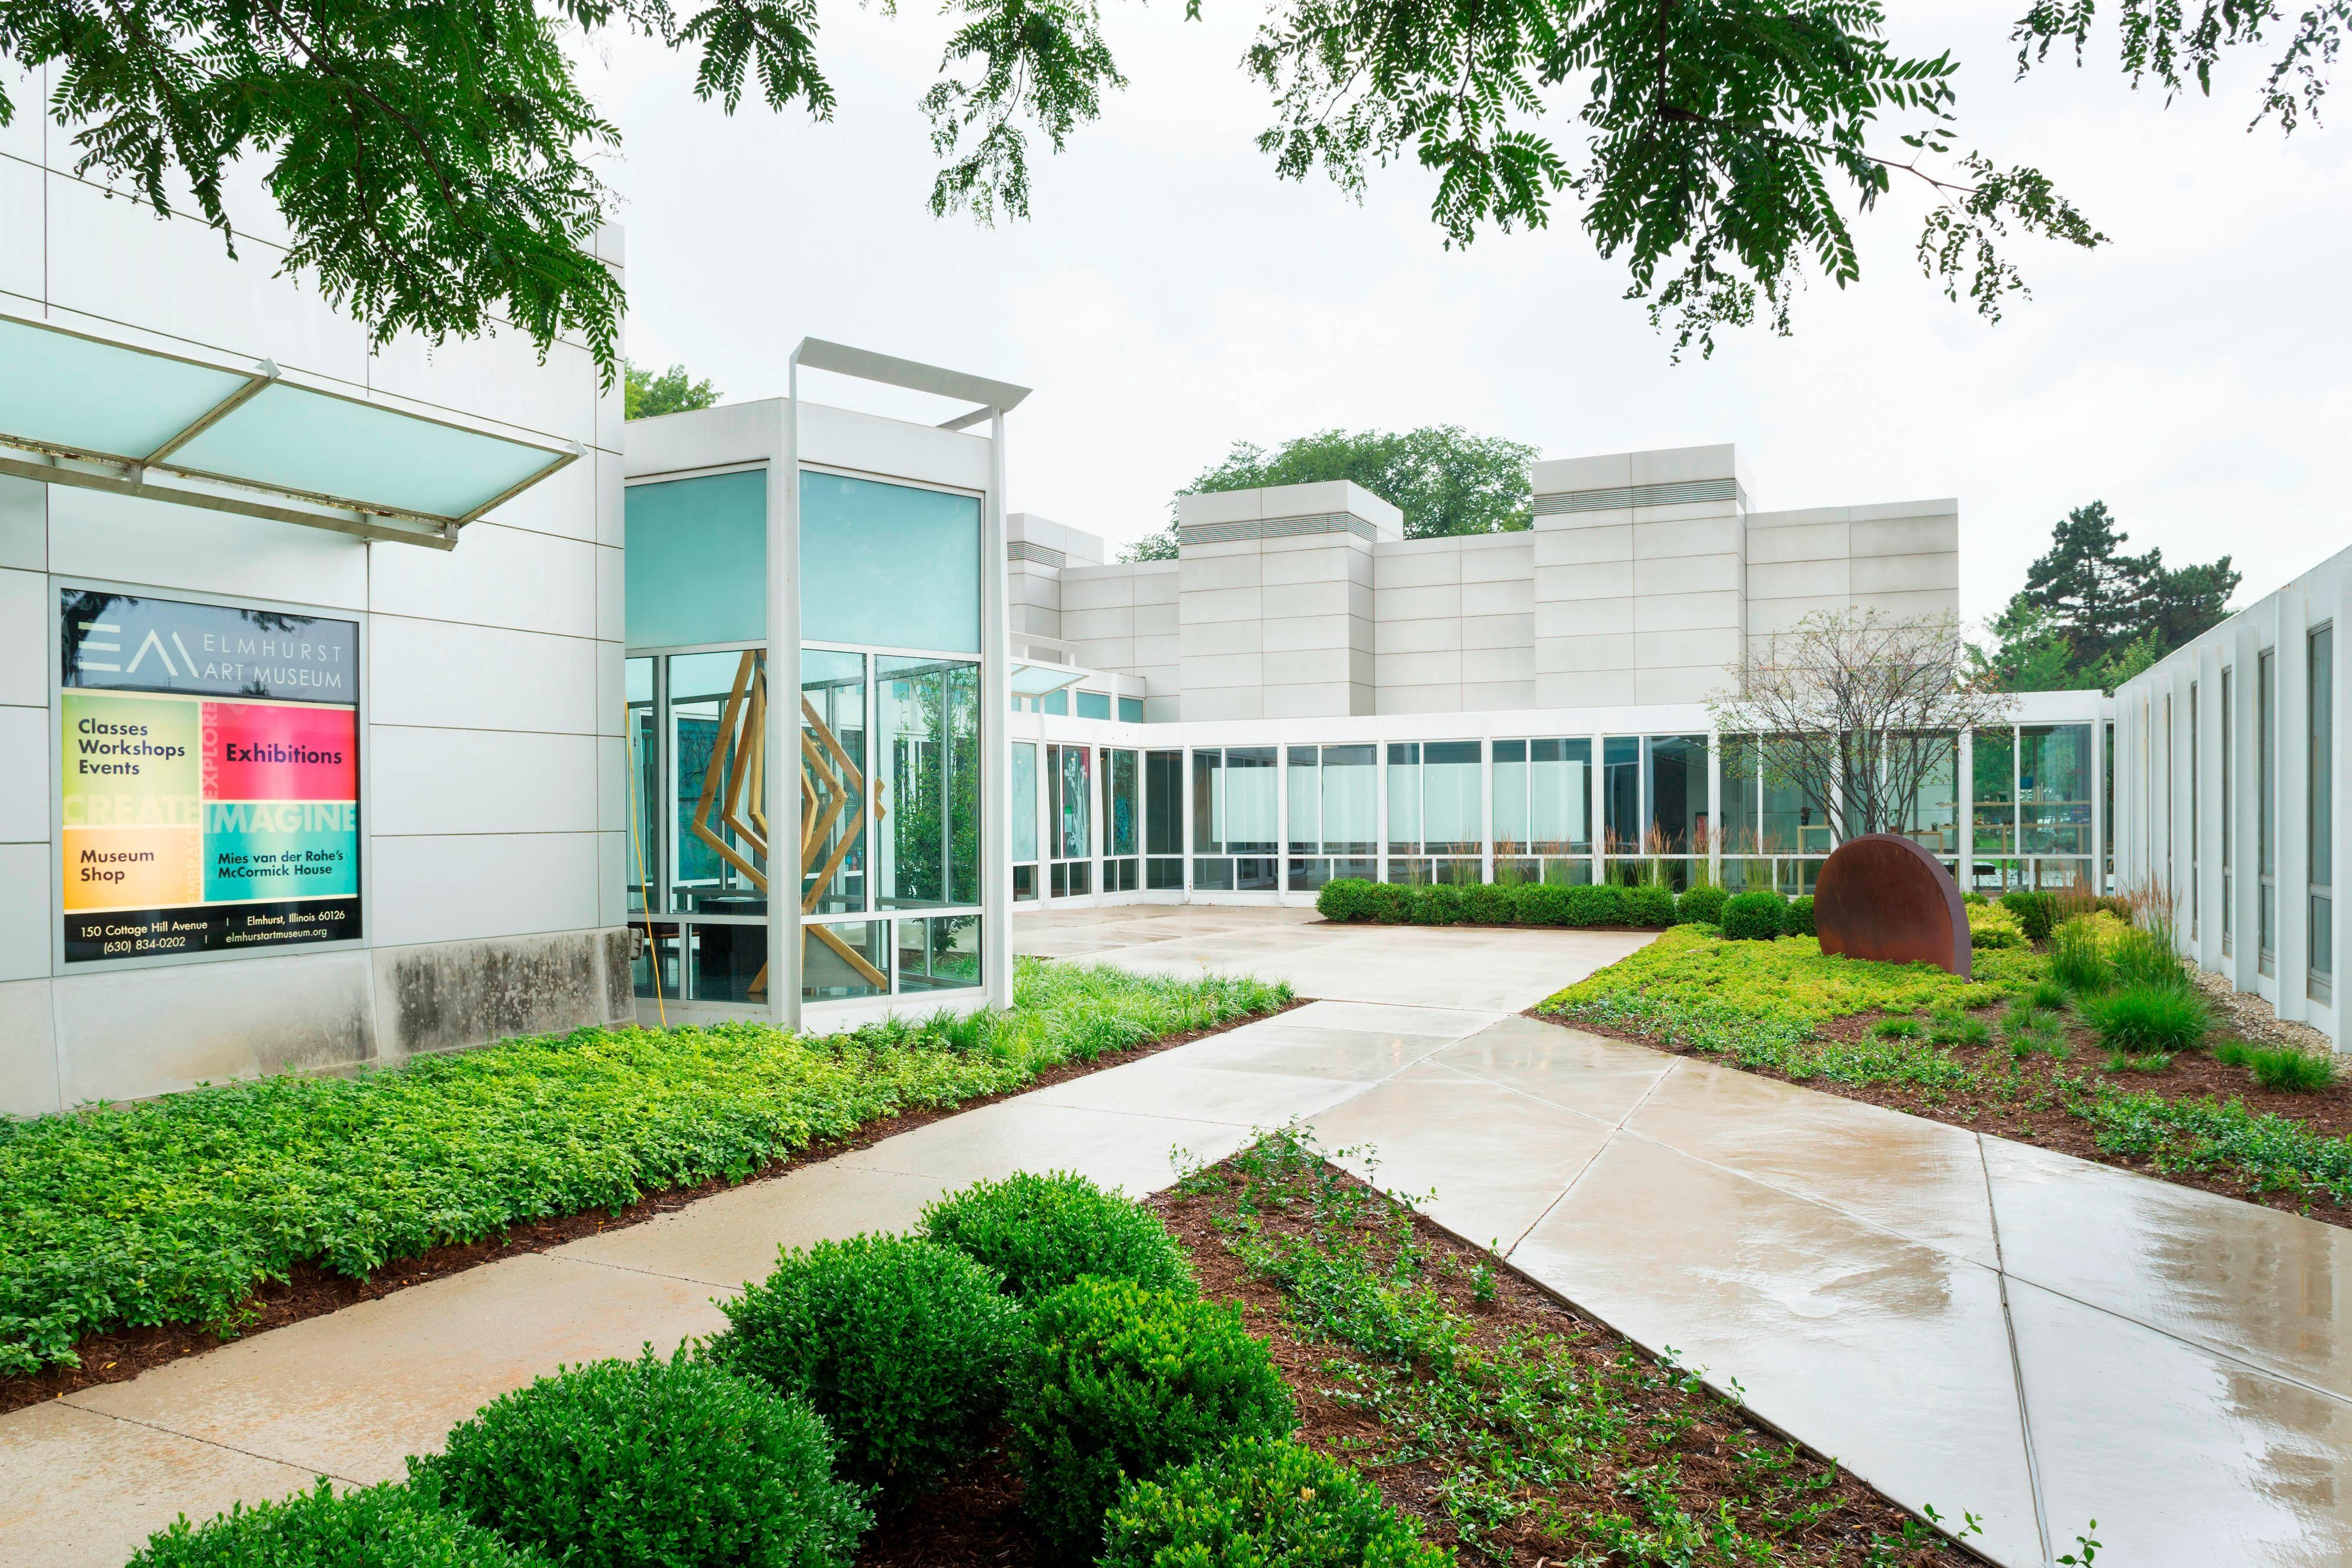 Elmhurst Art Museum